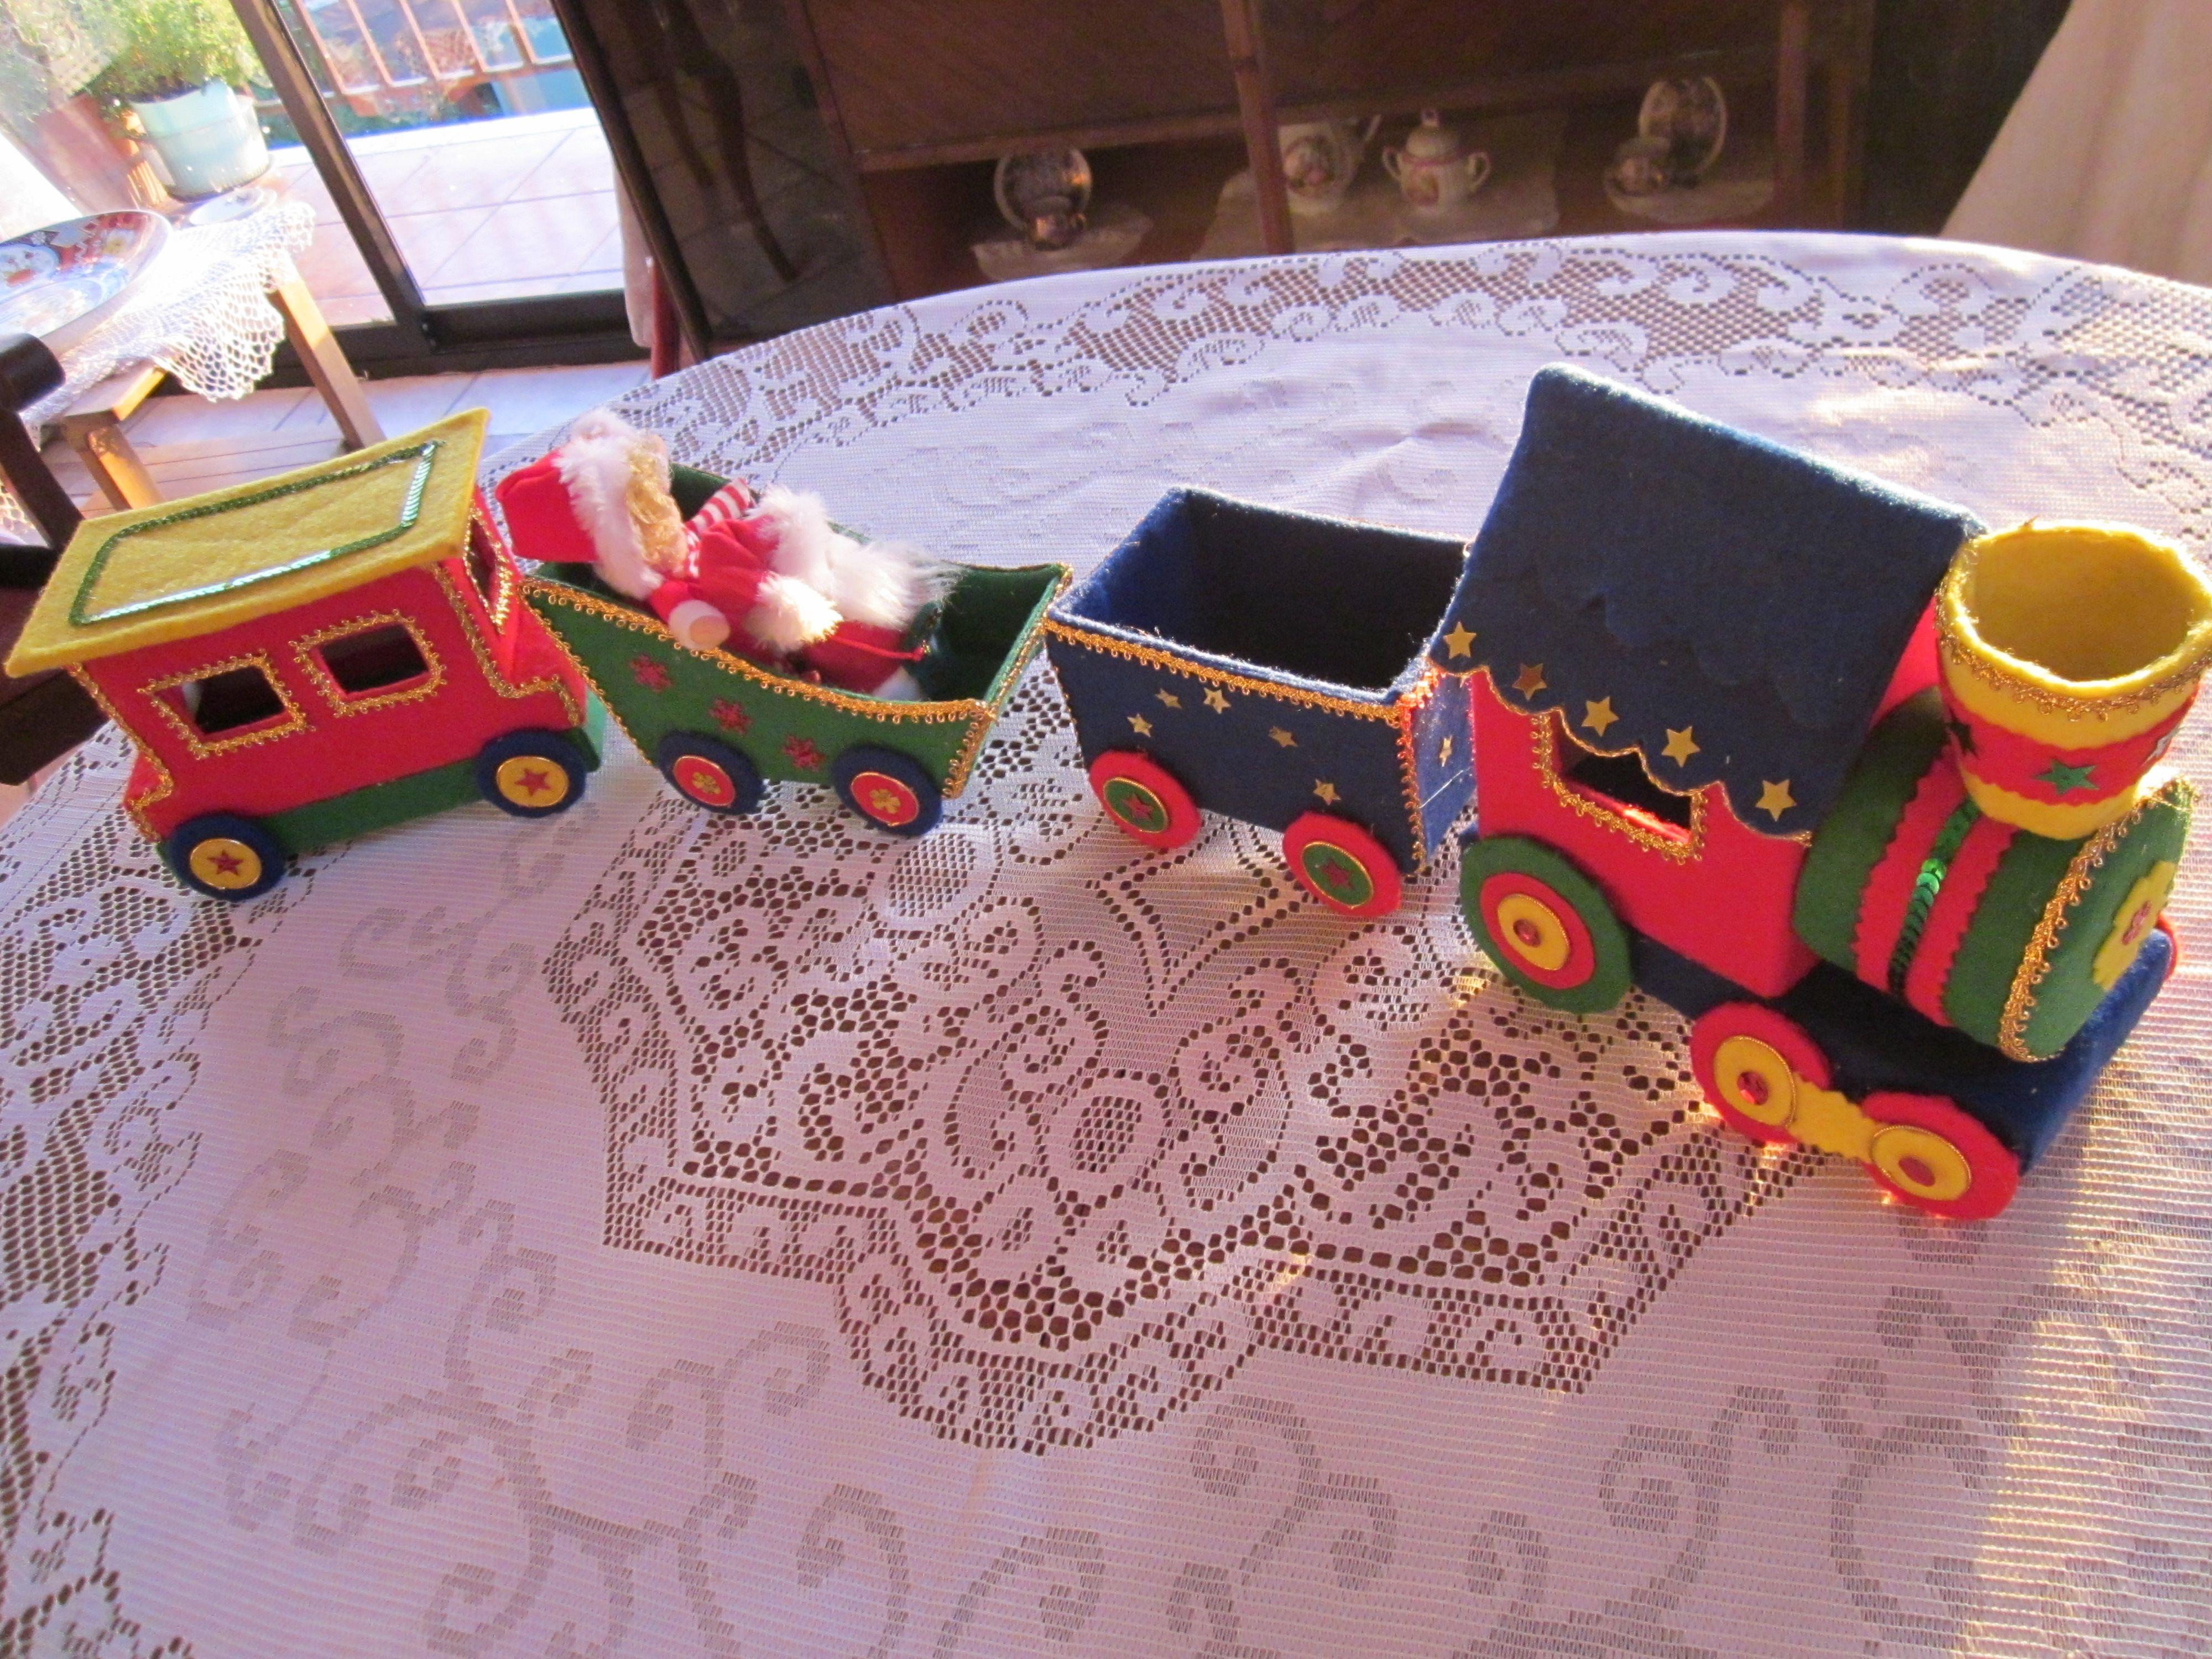 Mis Entretenciones Christmas Centrepiecescenterpieceschristmas Deco Christmas Craftstrainschristmas Trainpinturachristmas Decortable Centers